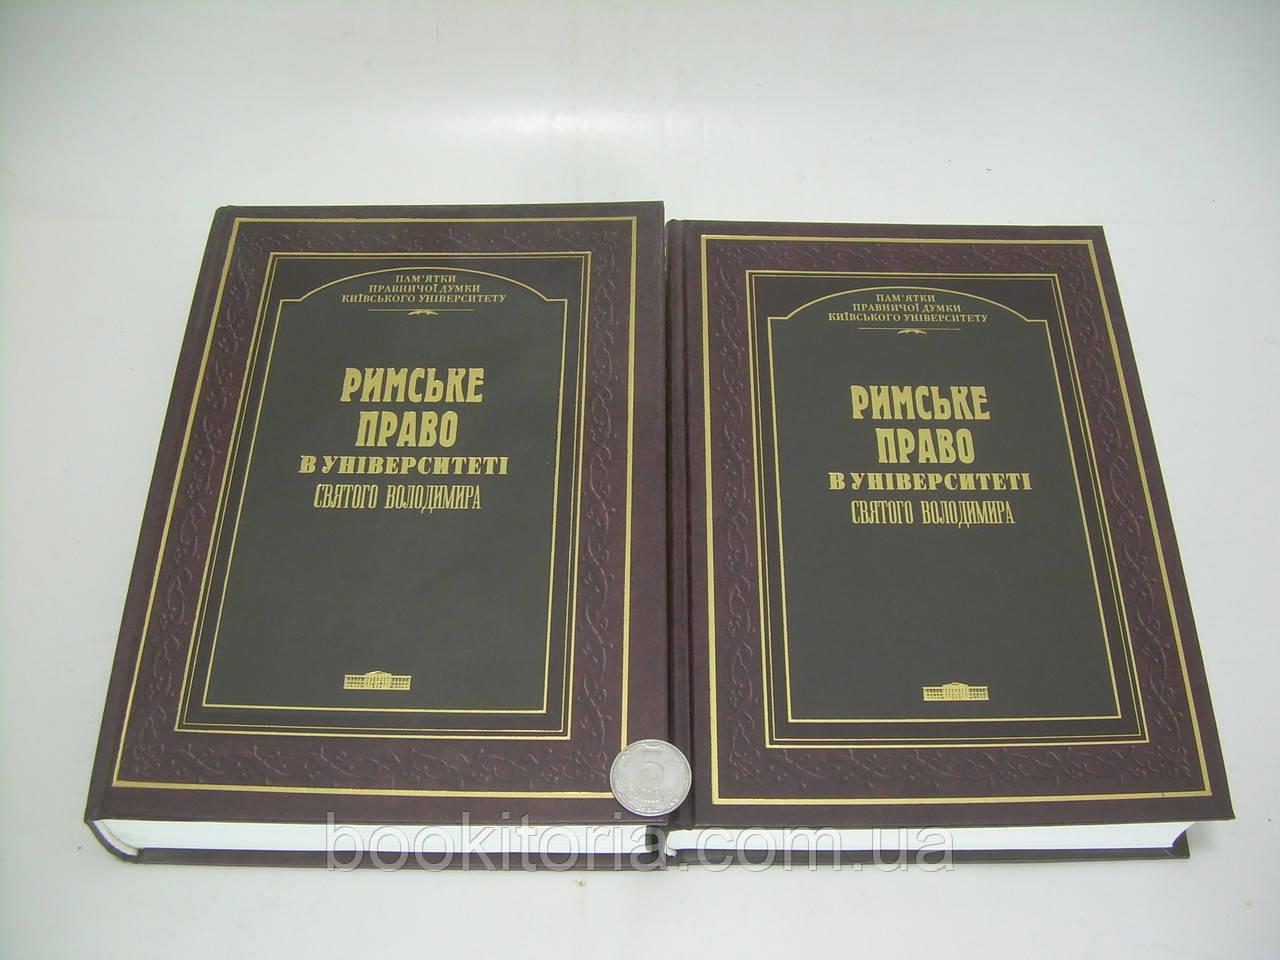 Римське право в Університеті Святого Володимира. У двох книгах (б/у).